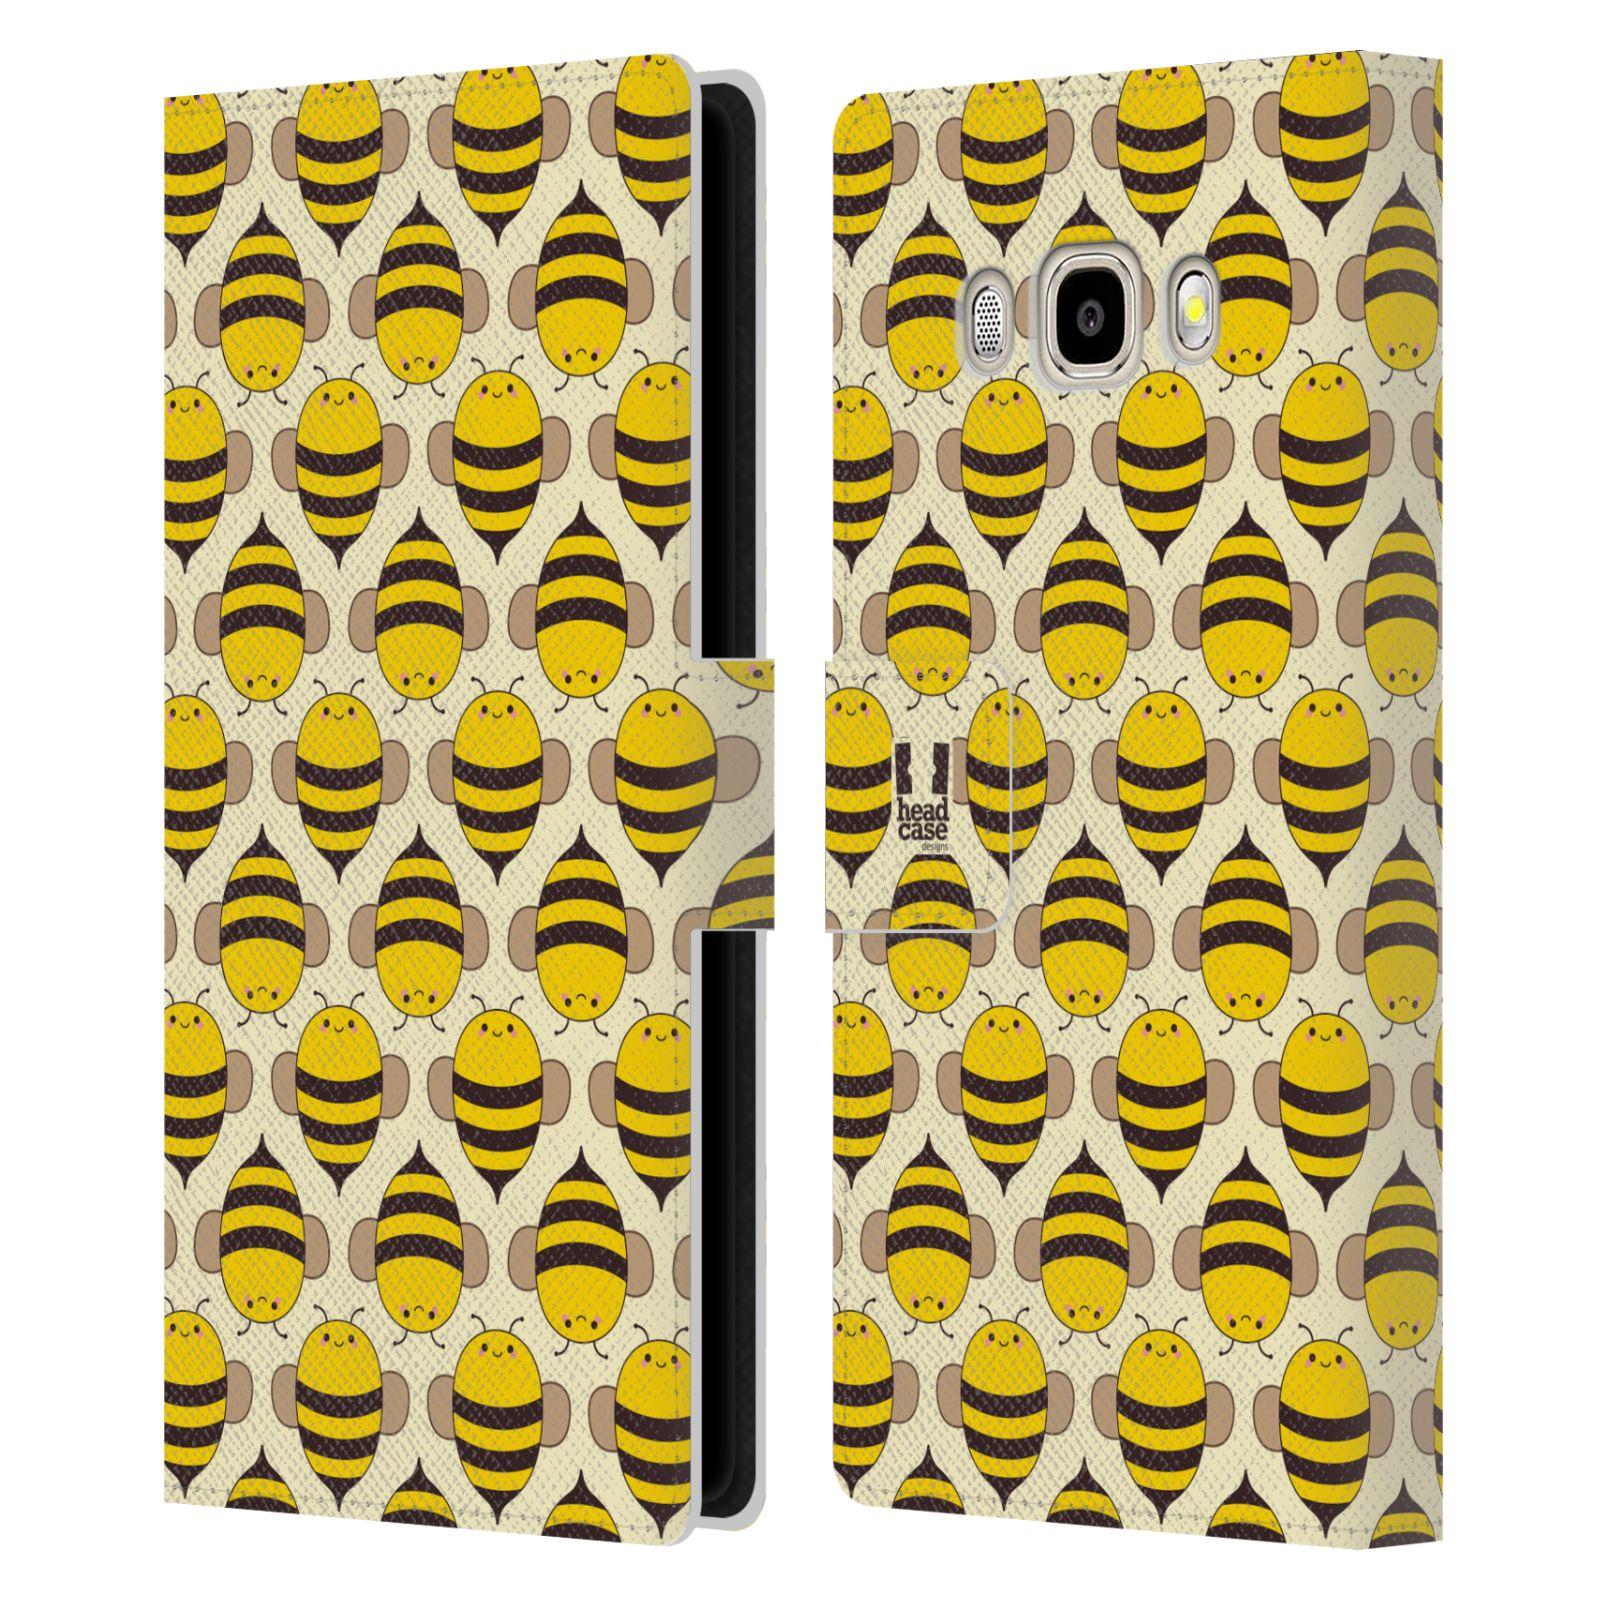 HEAD CASE Flipové pouzdro pro mobil Samsung Galaxy J5 2016 VČELÍ VZOR kolonie včelek